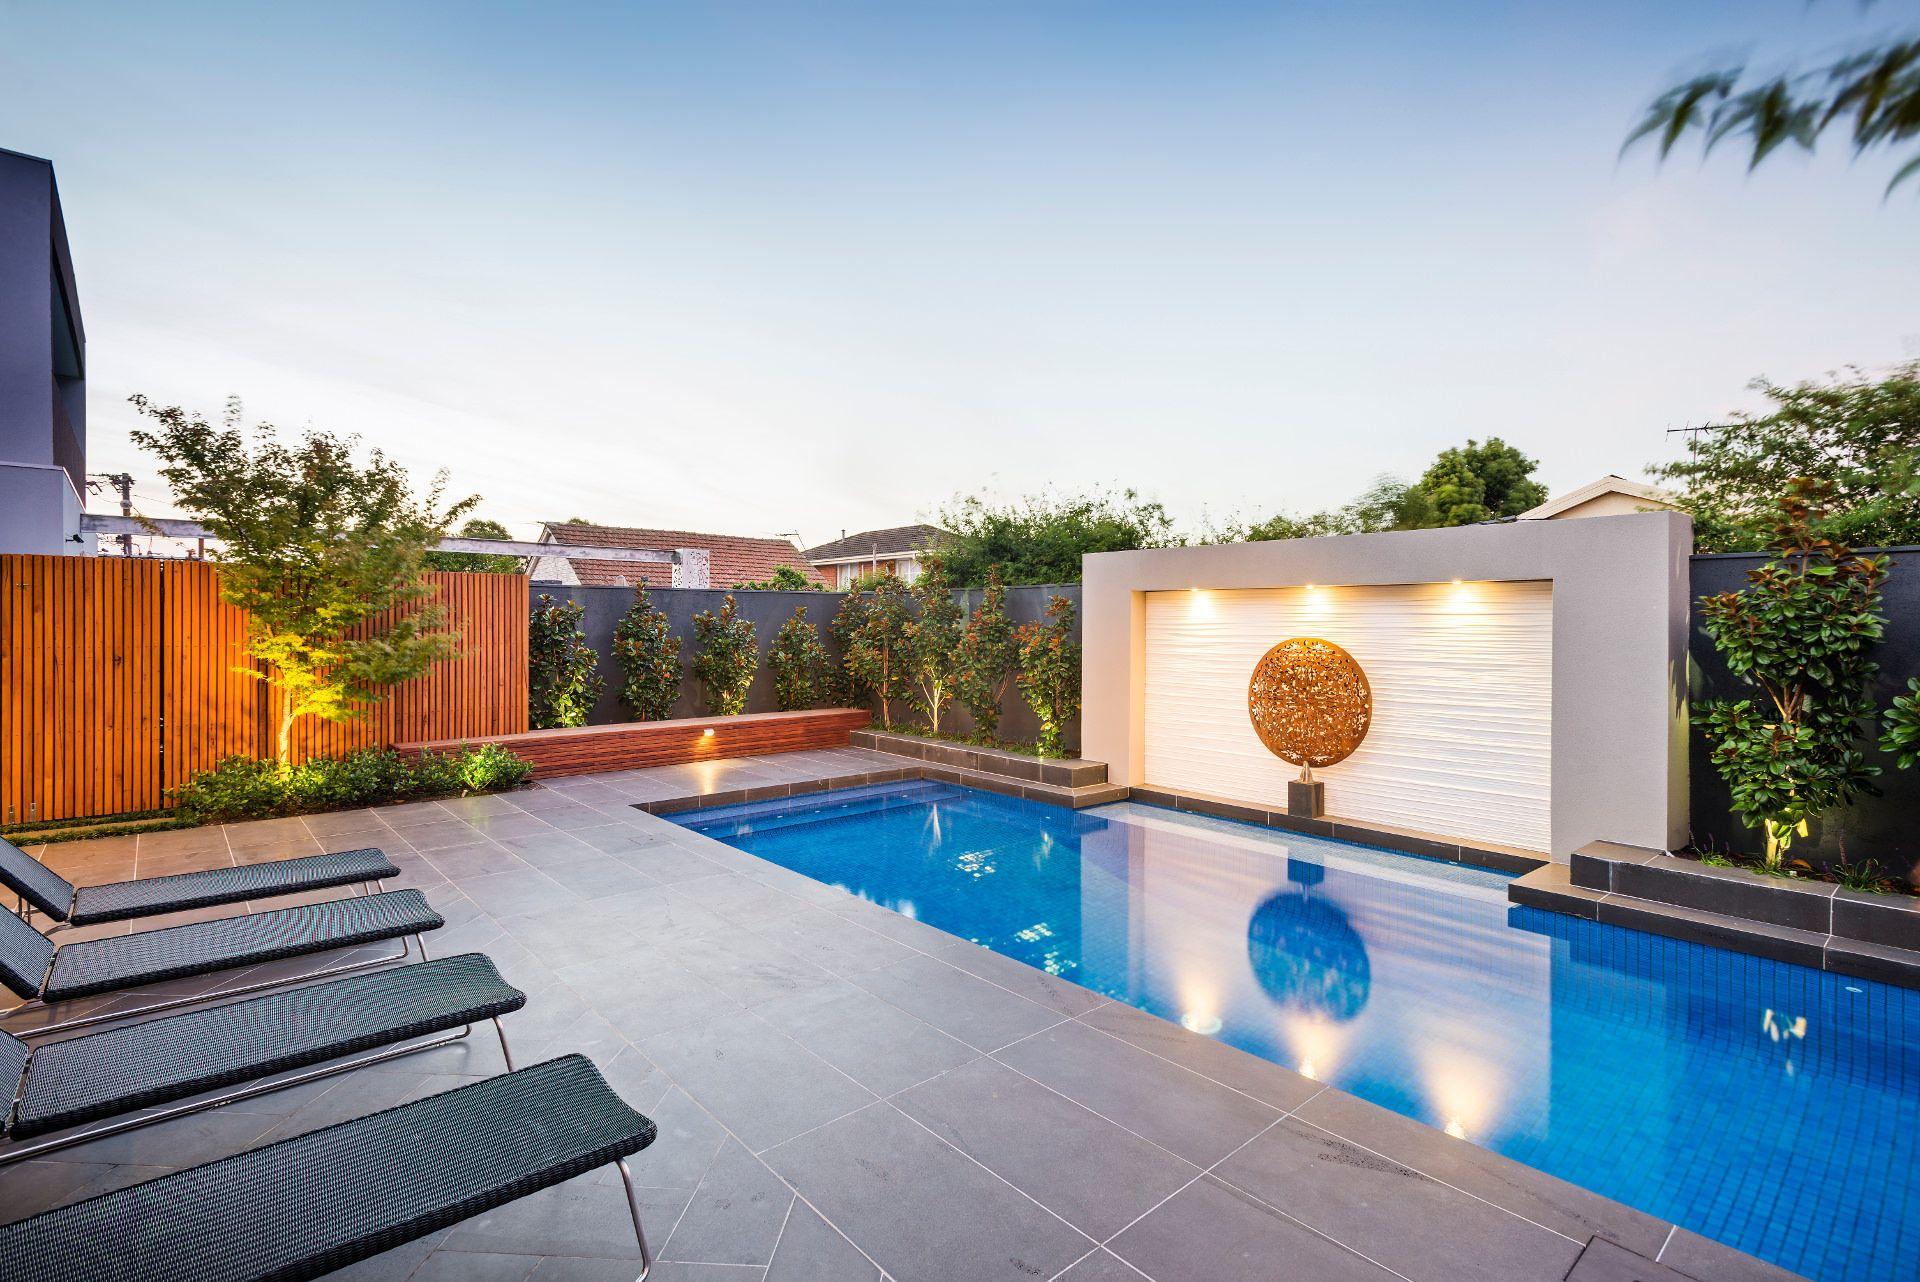 Pool Landscape Design Modern Landscape Design Modern Landscaping Contemporary backyard design with pool